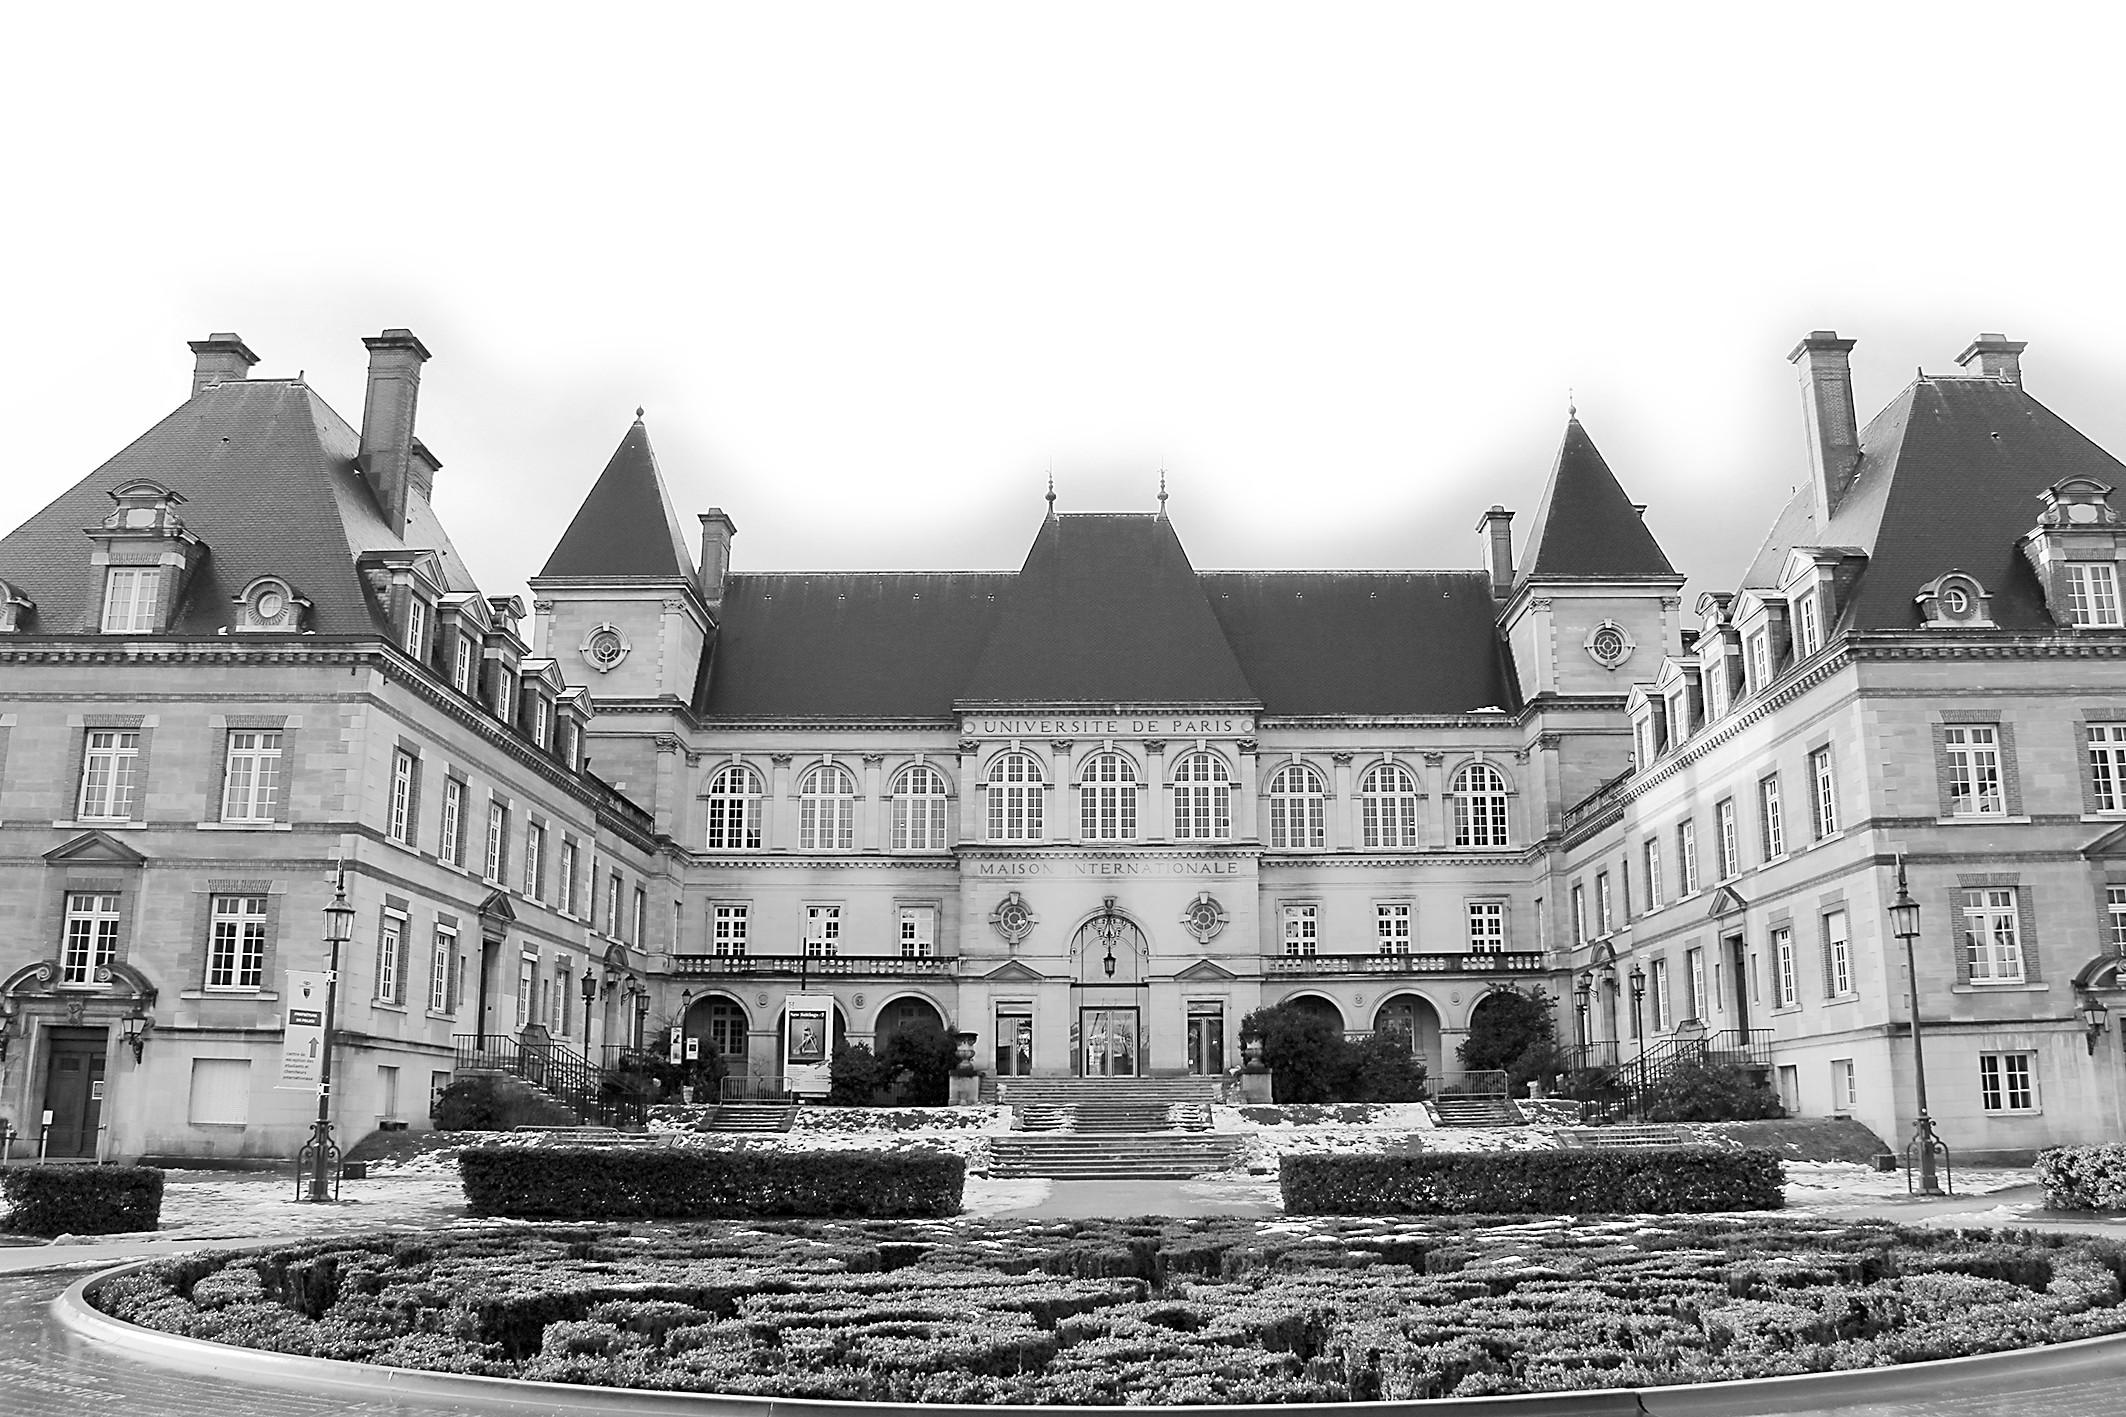 巴黎大學城 留學生的「小聯合國」